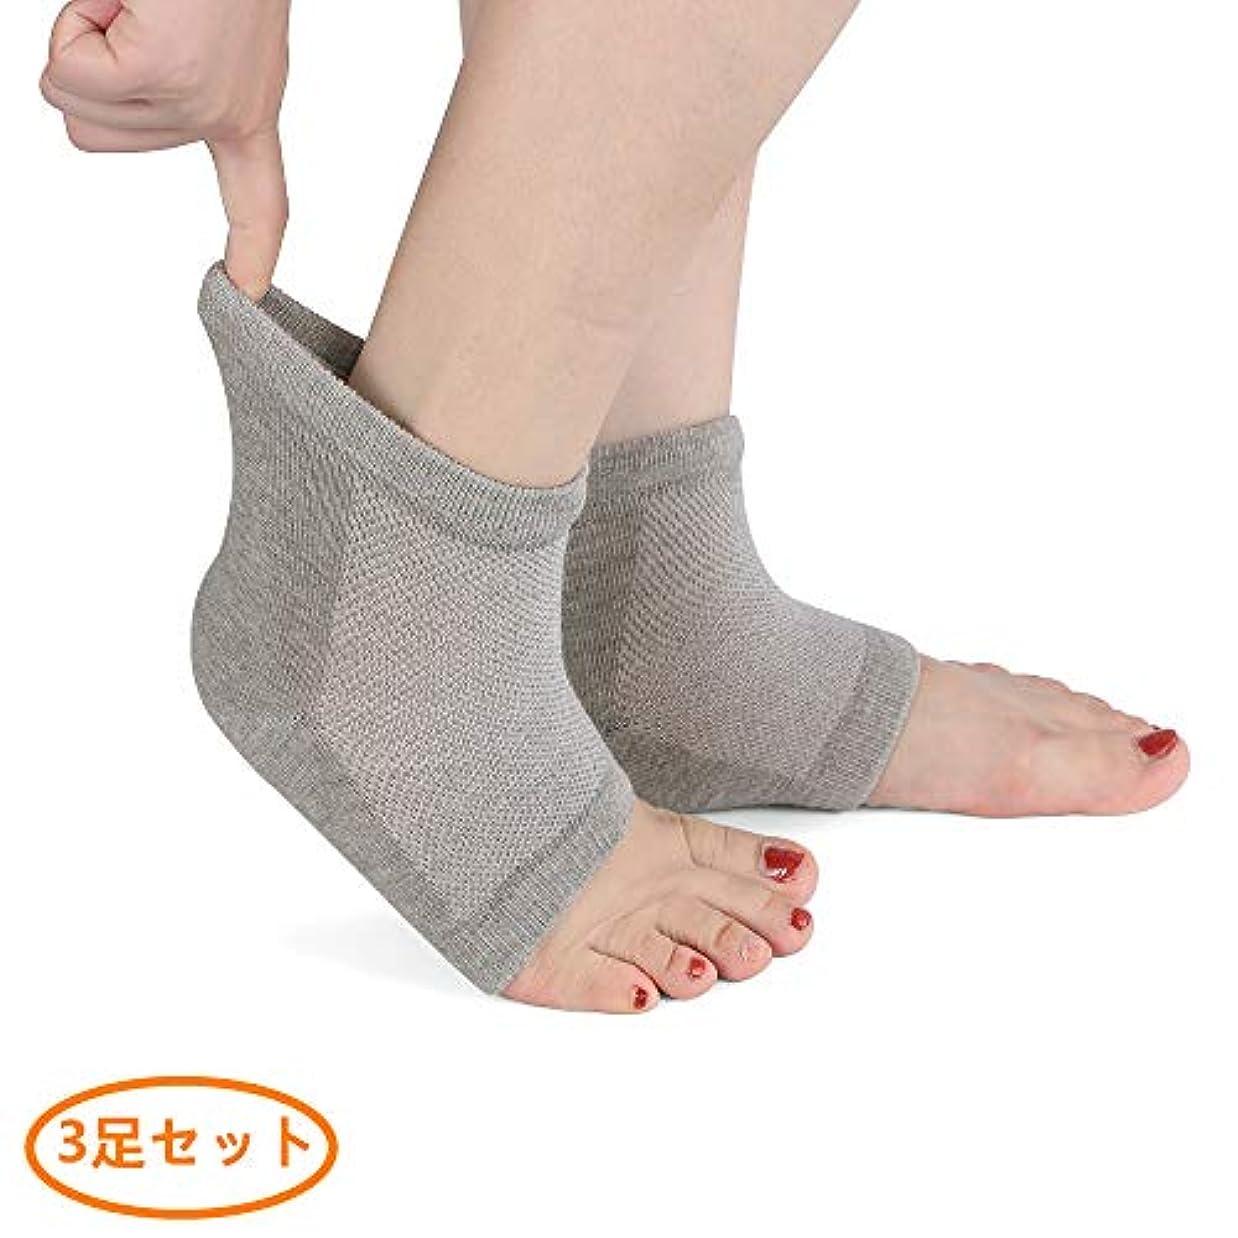 排泄する禁止する続けるYUANSHOP1 かかとケア ソックス 3足セット かかと靴下 レディース メンズ ひび割れケア/角質除去/保湿/美容 足SPA 足ケア フリーサイズ (グレー)